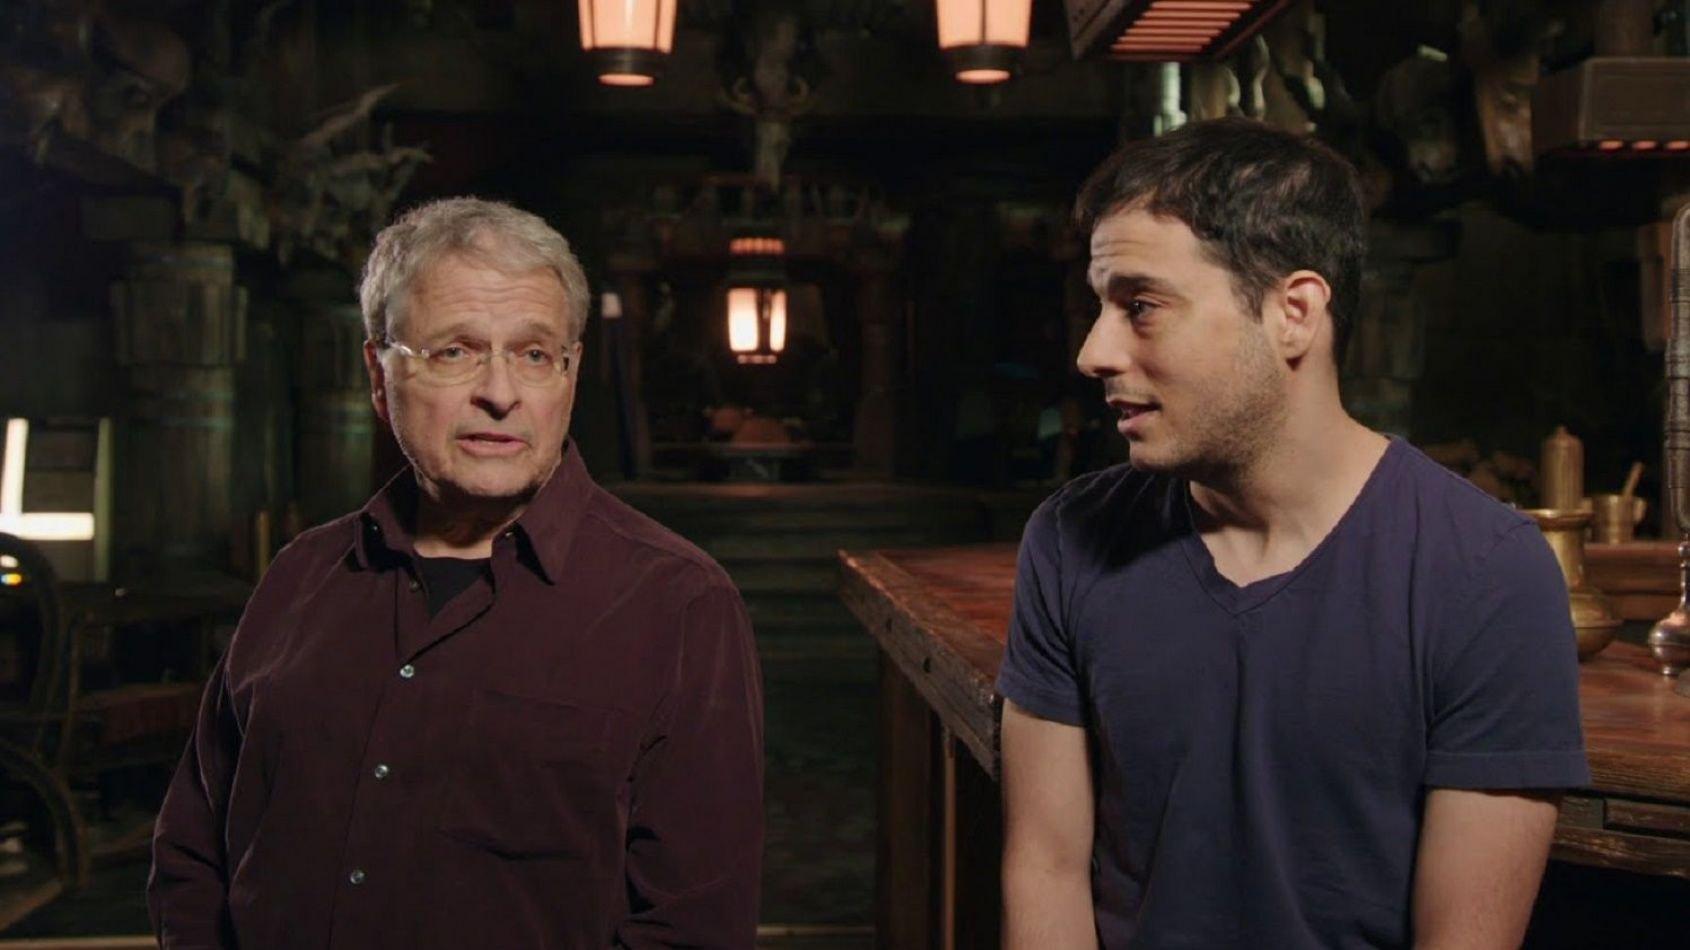 Lawrence et Jon Kasdan parlent du gros caméo de la fin de Solo